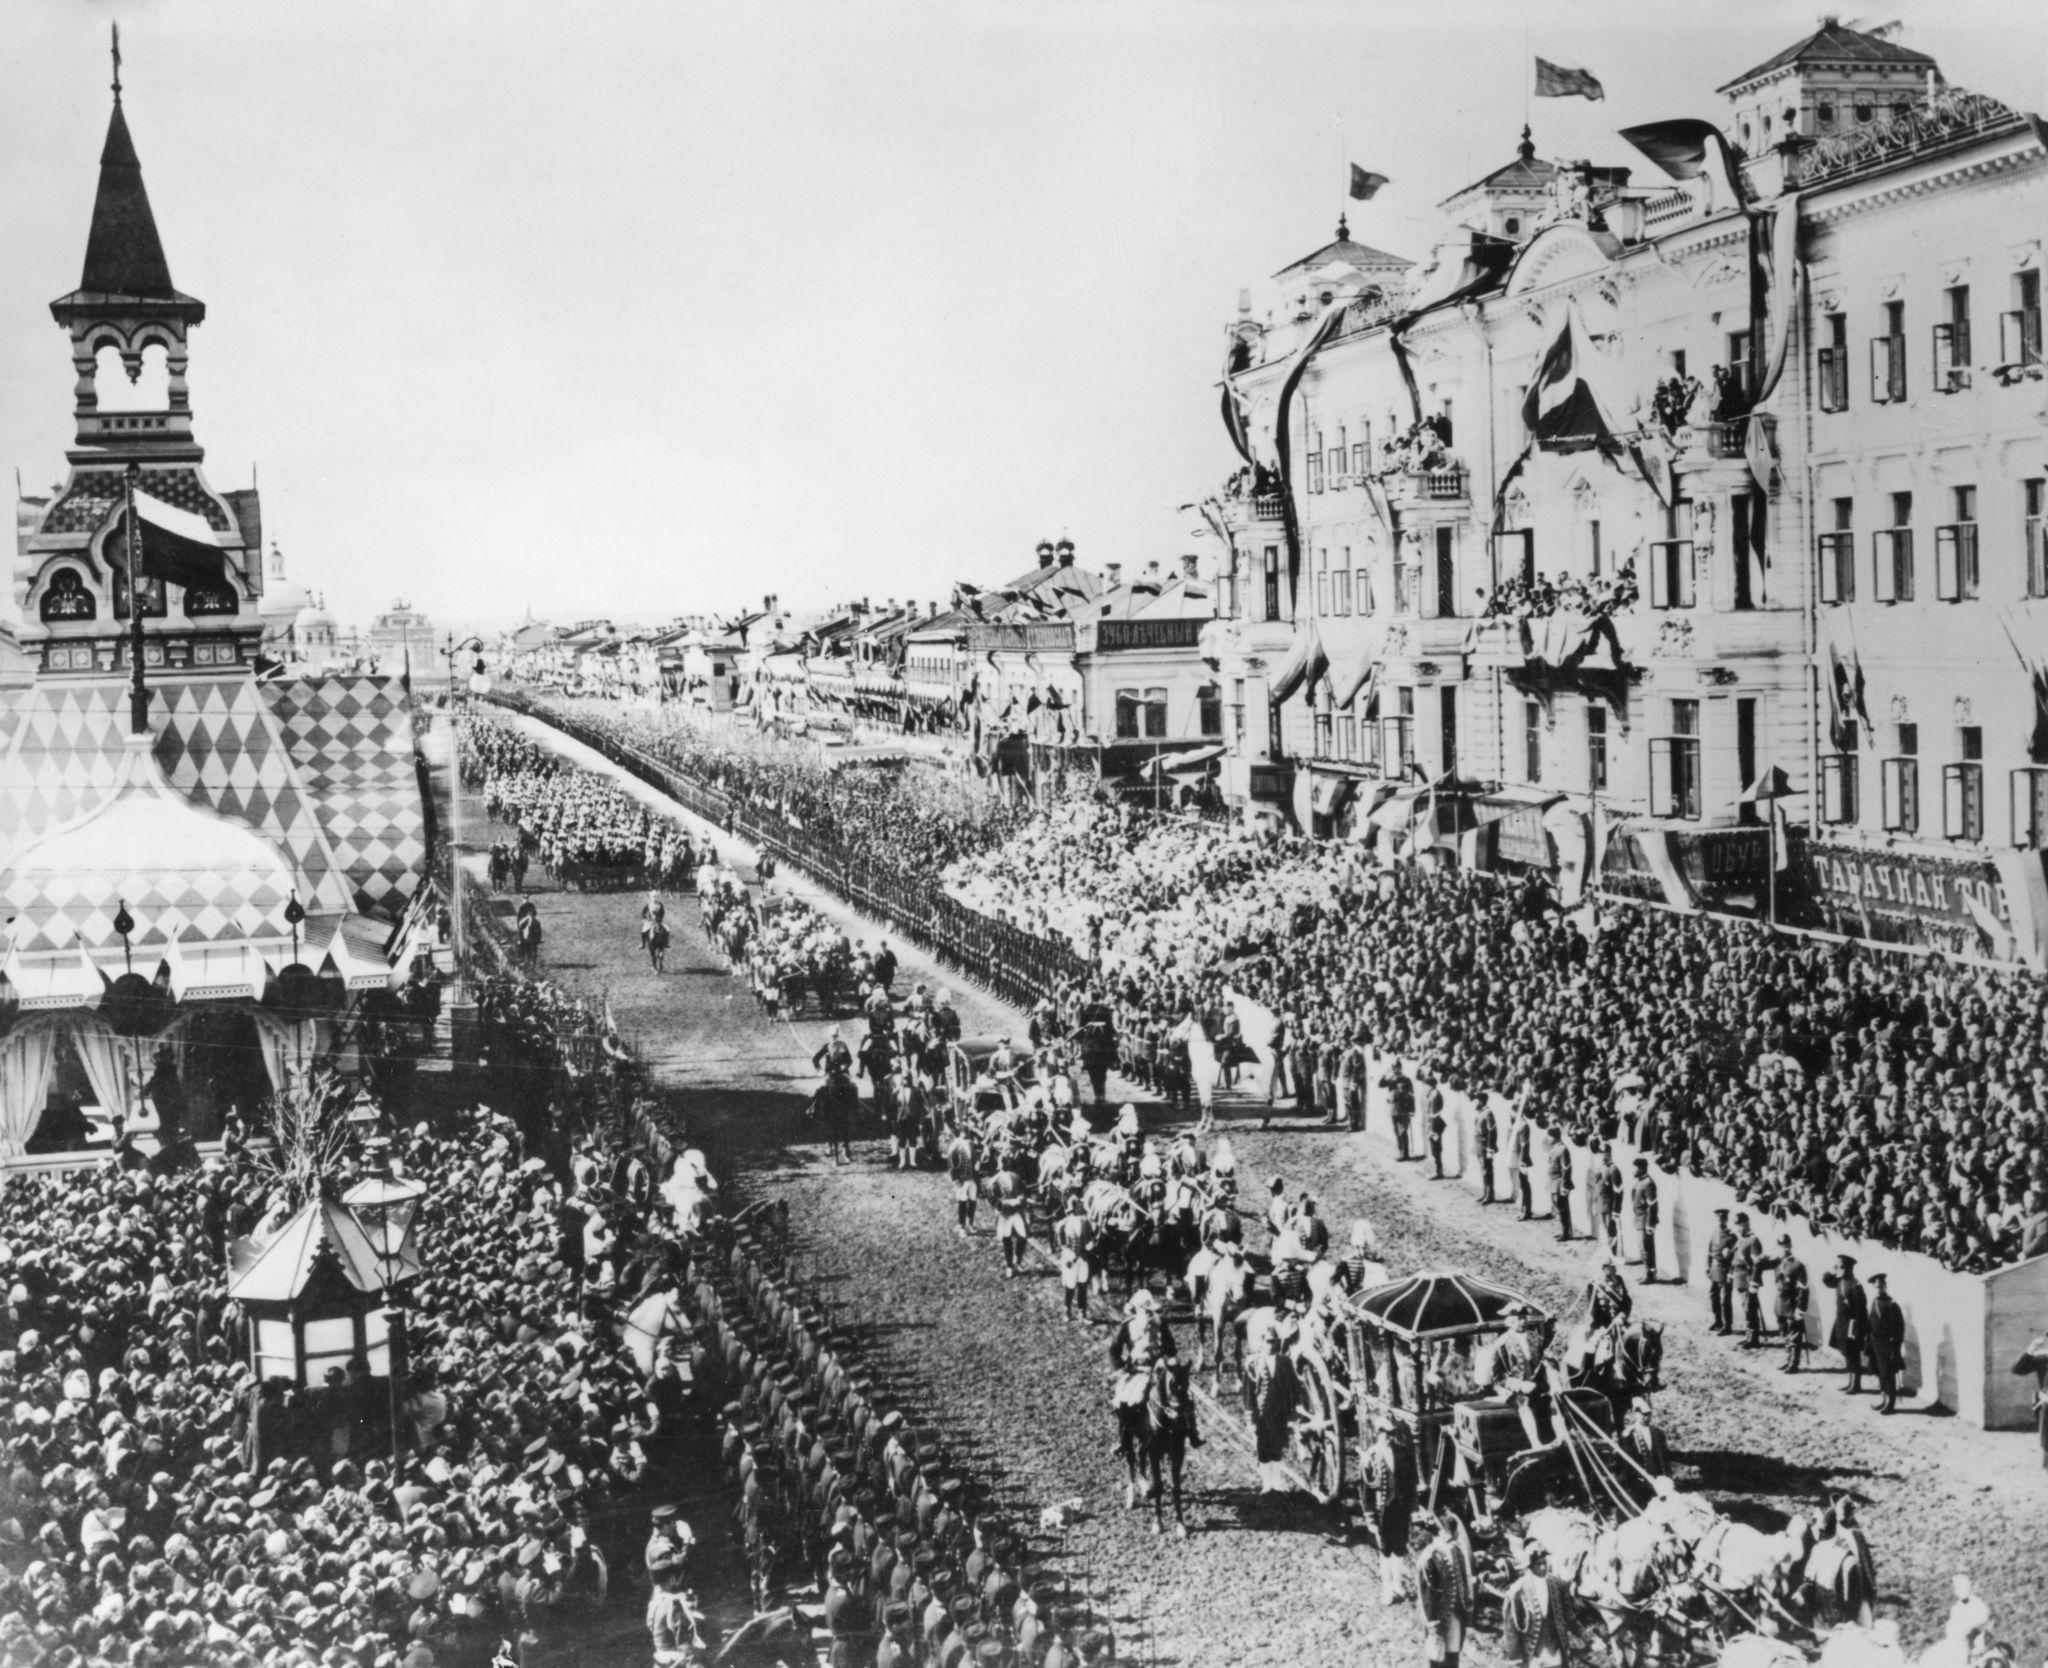 Коронационное шествие царя Николая II по улицам Москвы, 26 мая 1896